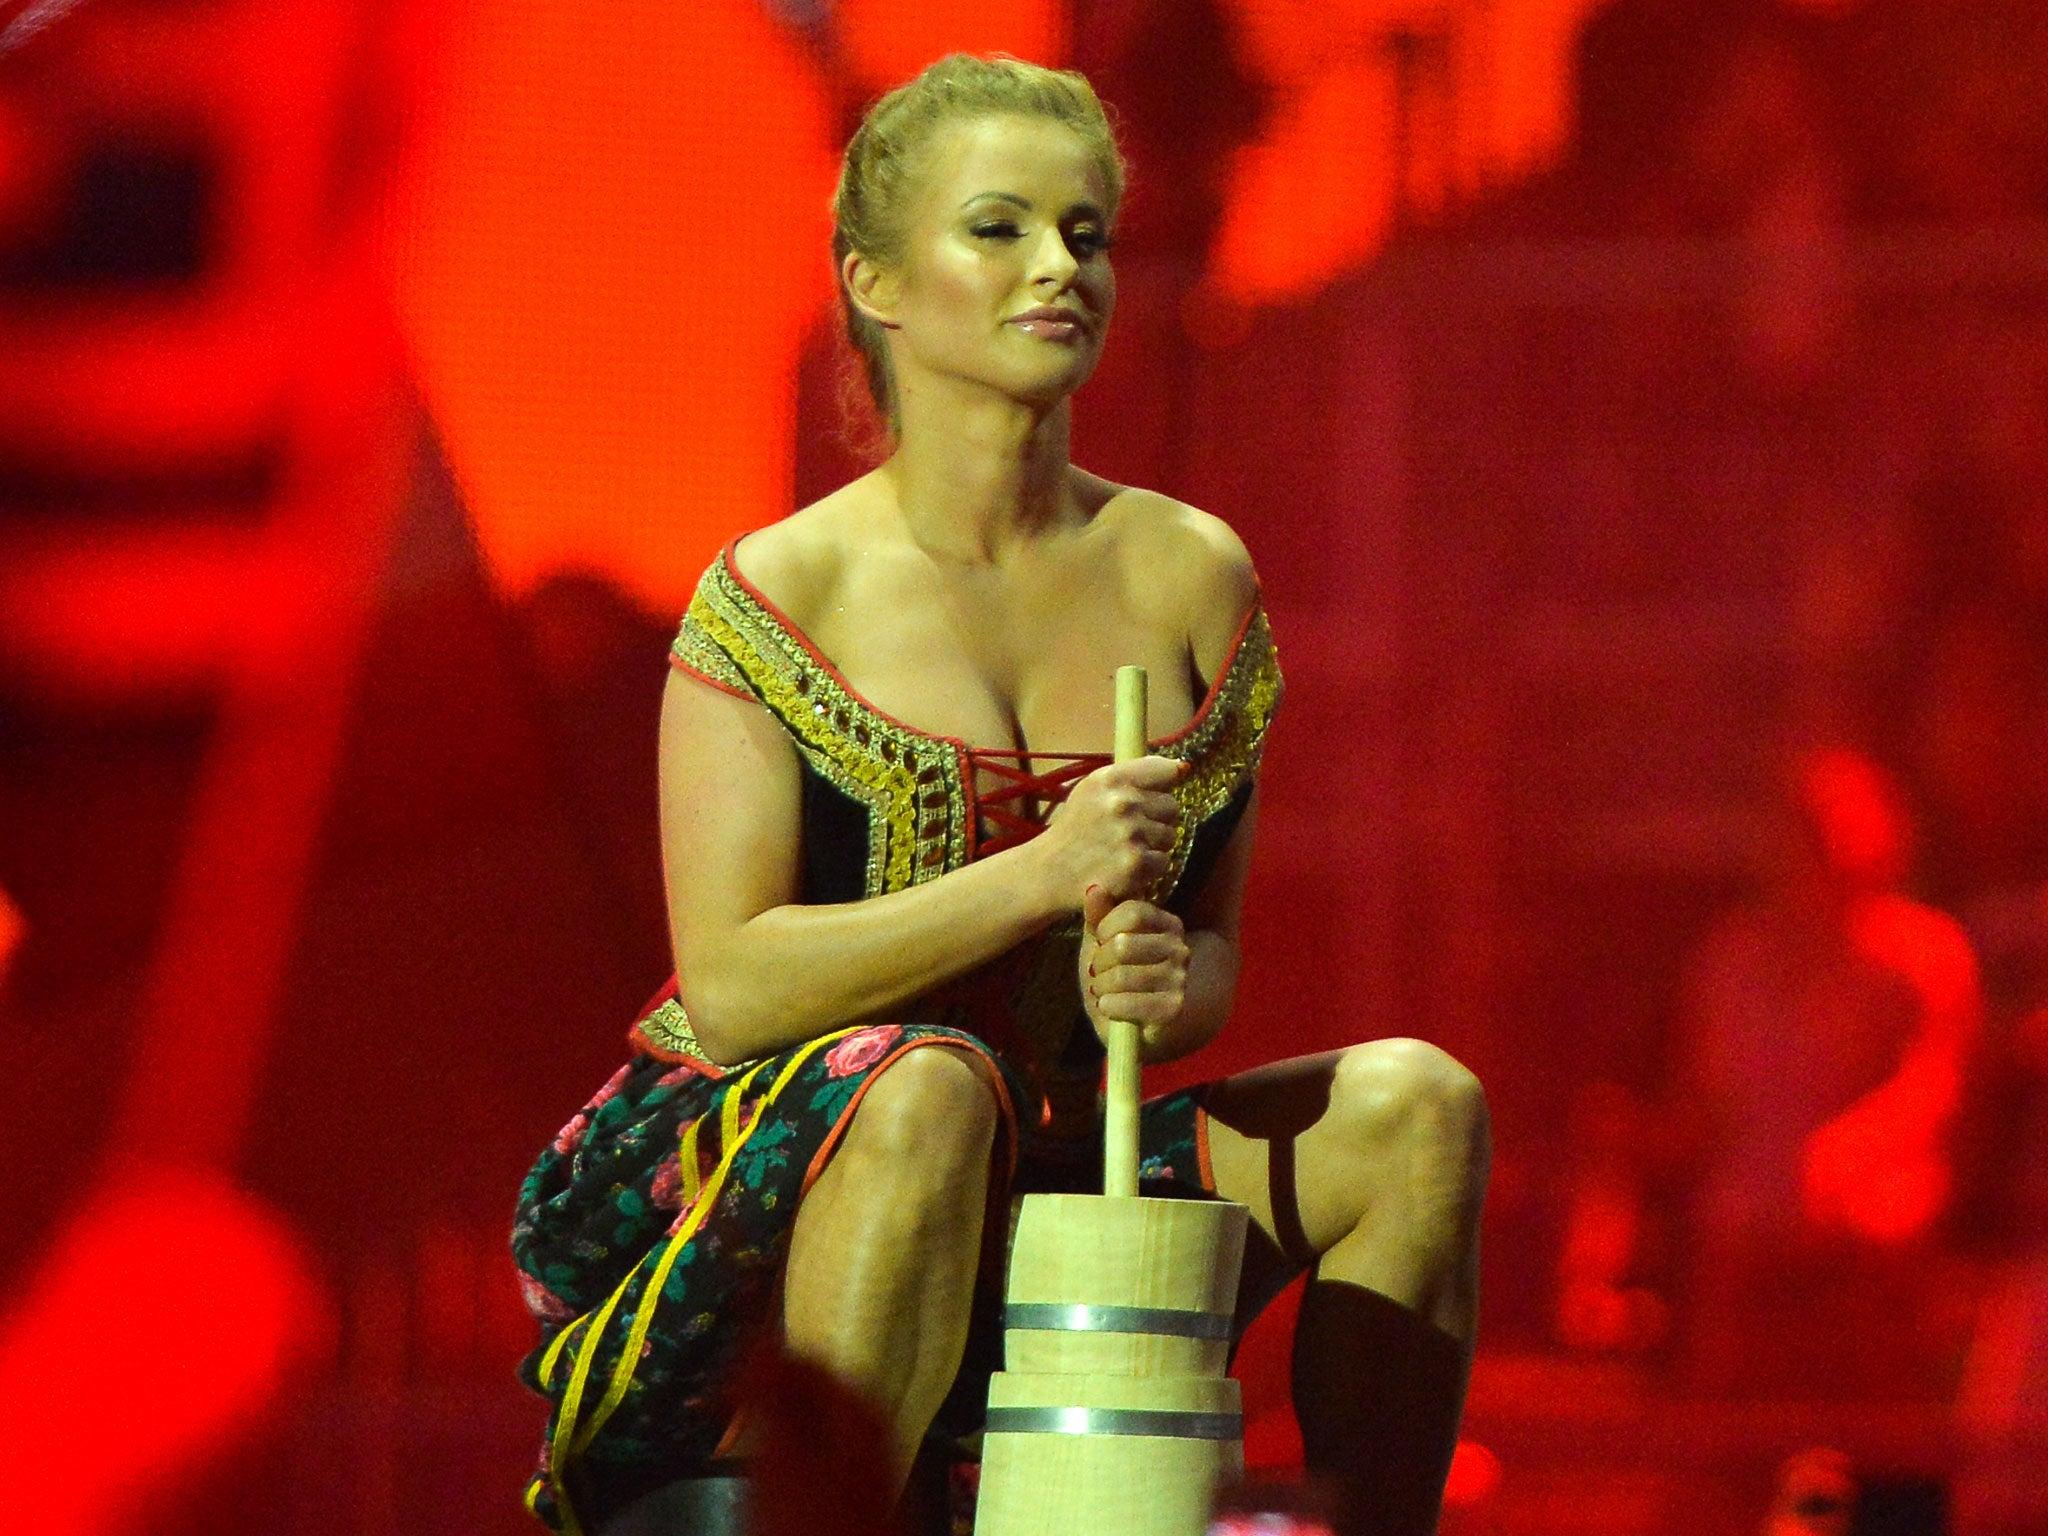 Polish dating  girls polish women singles in Poland